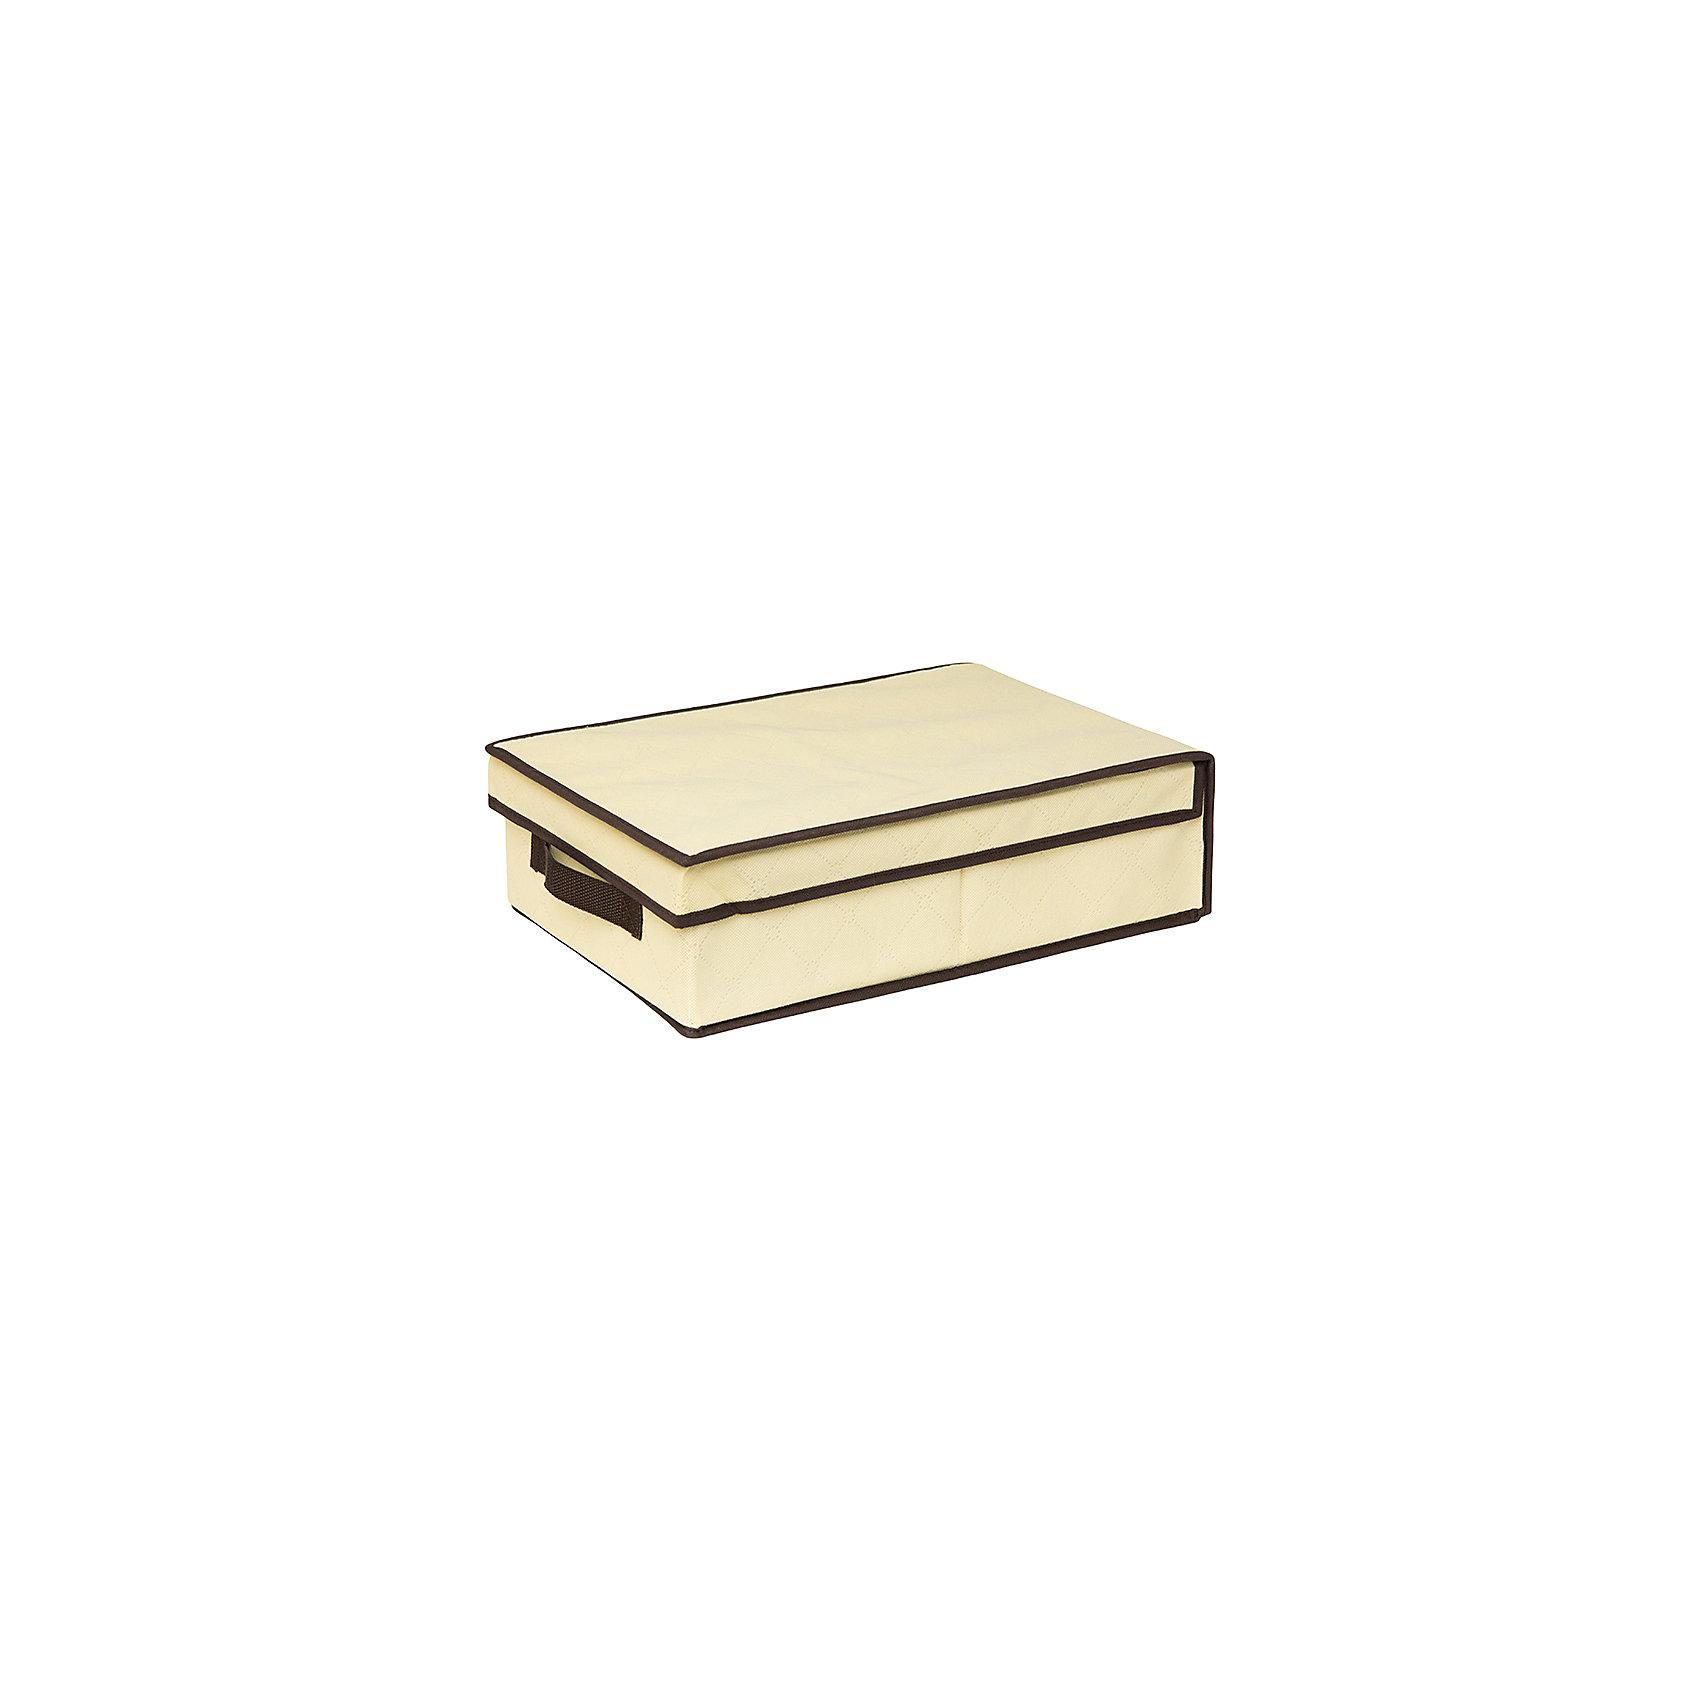 Кофр складной для хранения 27*41*12 см. Геометрия стиля, EL Casa, молочныйПорядок в детской<br>Характеристики товара:<br><br>• цвет: молочный<br>• материал: текстиль (полиэстер 100%)<br>• размер: 27 х 41 х 12 см<br>• вес: 600 г<br>• декорирован принтом<br>• с жестким каркасом<br>• легко складывается и раскладывается<br>• удобный<br>• с крышкой <br>• универсальный размер<br>• страна бренда: Российская Федерация<br>• страна производства: Китай<br><br>Такой кофр - отличный пример красивой и функциональной вещи для любого интерьера. В нем удобной хранить различные мелочи, благодаря универсальному дизайну и расцветке он хорошо будет смотреться в помещении.<br><br>Кофр с жёстким каркасом для хранения может стать отличным приобретением для дома или подарком для любителей красивых оригинальных вещей.<br><br>Бренд EL Casa - это красивые и практичные товары для дома с современным дизайном. Они добавляют в жильё уюта и комфорта! <br><br>Кофр складной для хранения 27*41*12 см. Геометрия стиля, EL Casa можно купить в нашем интернет-магазине.<br><br>Ширина мм: 415<br>Глубина мм: 270<br>Высота мм: 20<br>Вес г: 563<br>Возраст от месяцев: 0<br>Возраст до месяцев: 1188<br>Пол: Унисекс<br>Возраст: Детский<br>SKU: 6668749